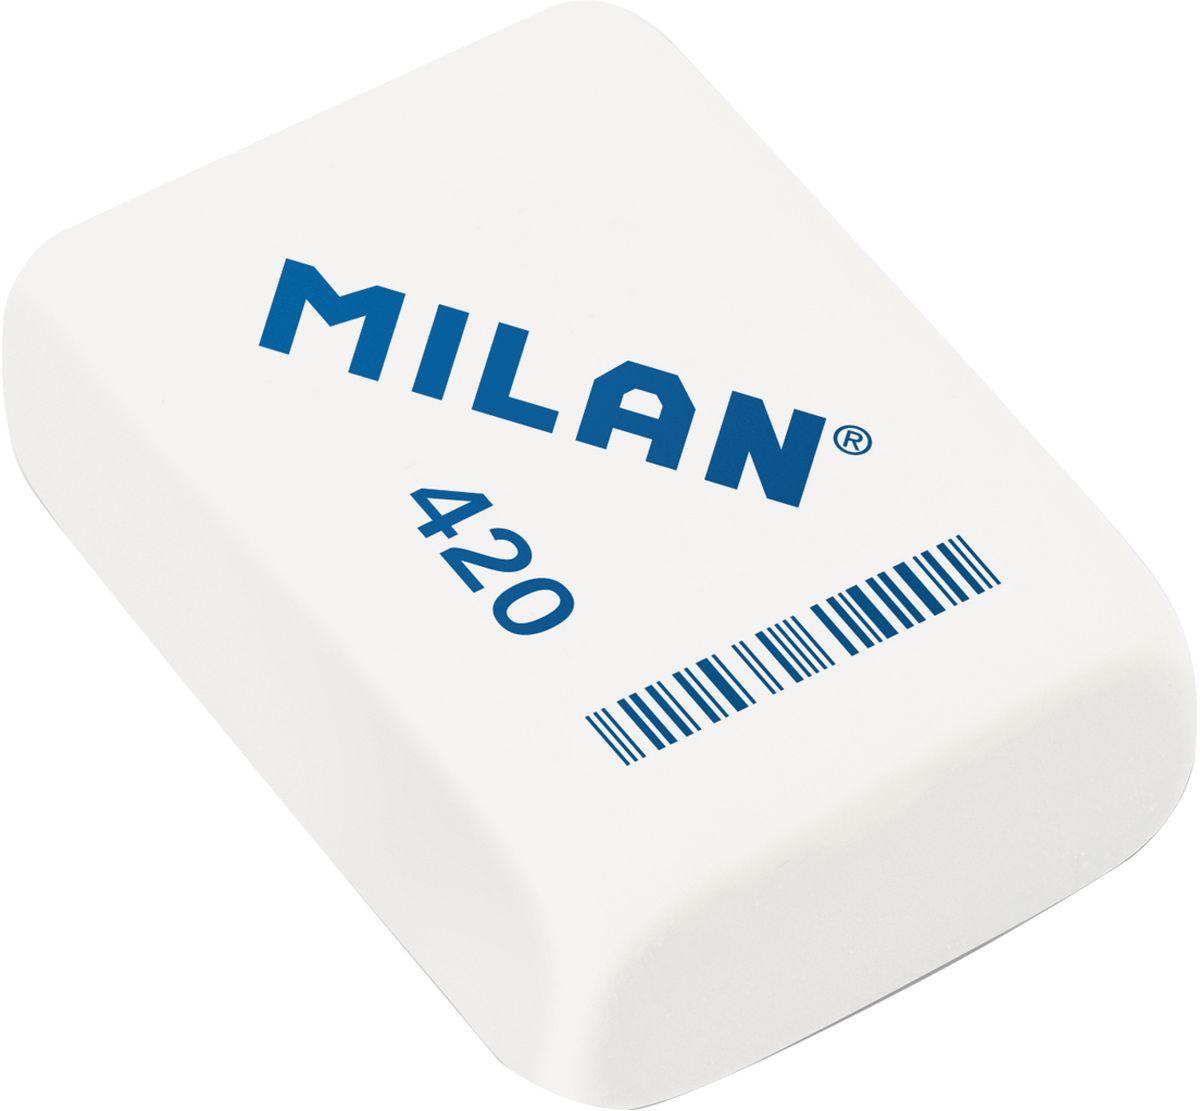 Milan Ластик 420 цвет белыйCMM420Поликомпонентный ластик Milan традиционной формы имеет высокую абсорбцию и великолепную структуру.